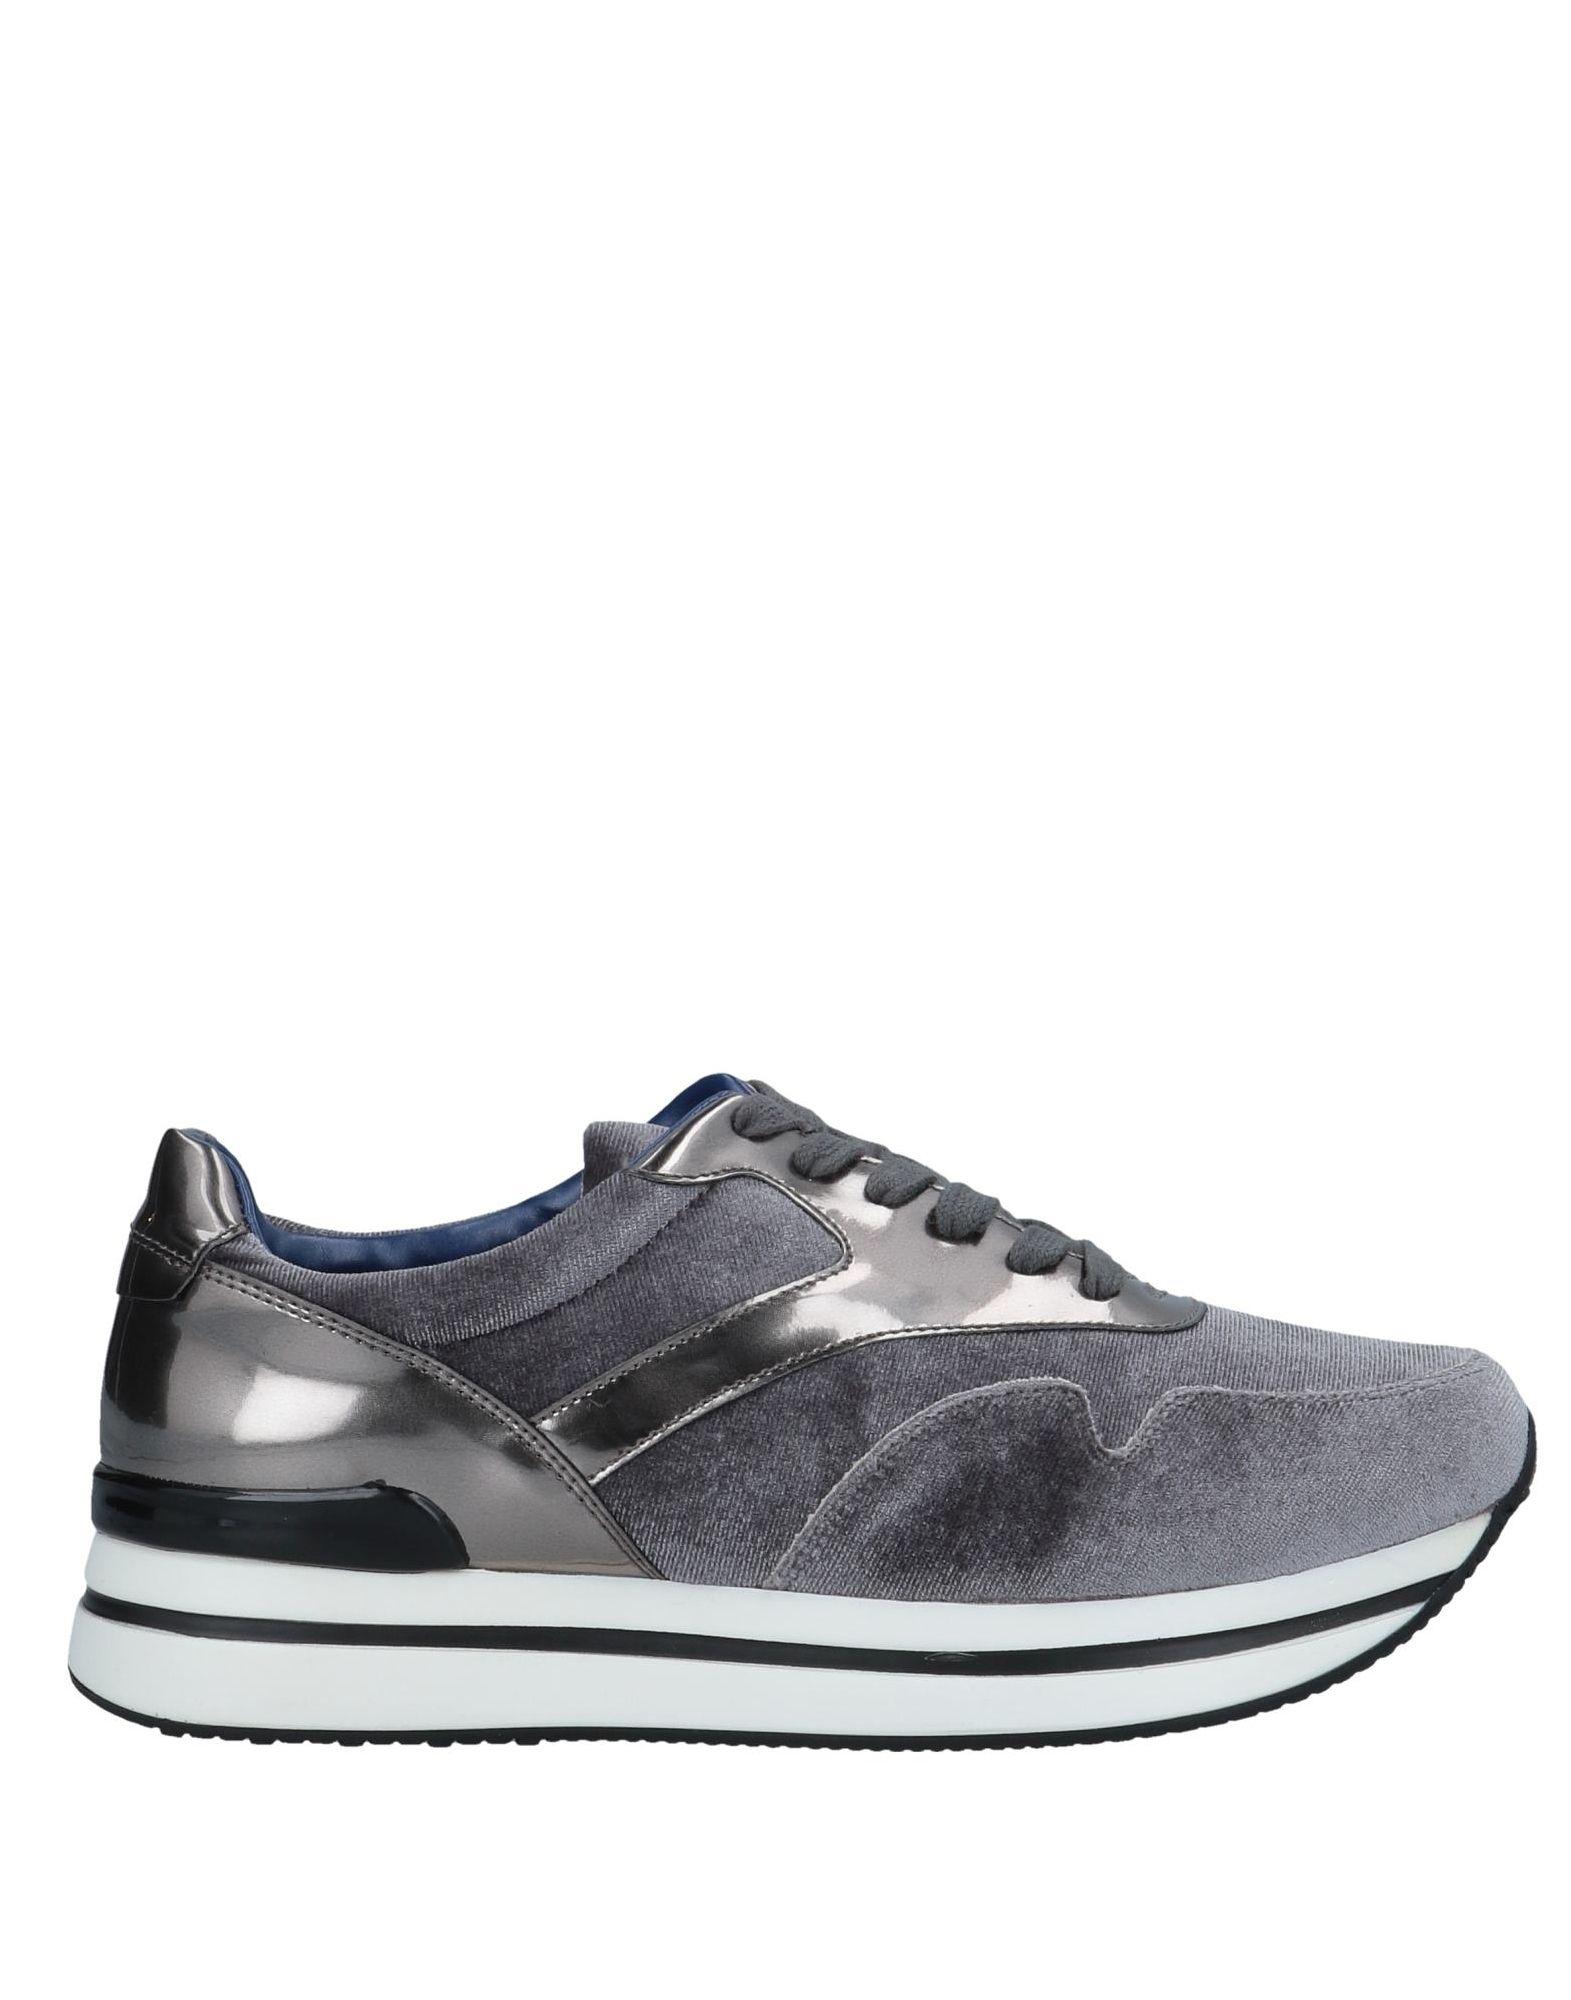 Bibi Lou Sneakers Damen  11553164BG Gute Qualität beliebte Schuhe